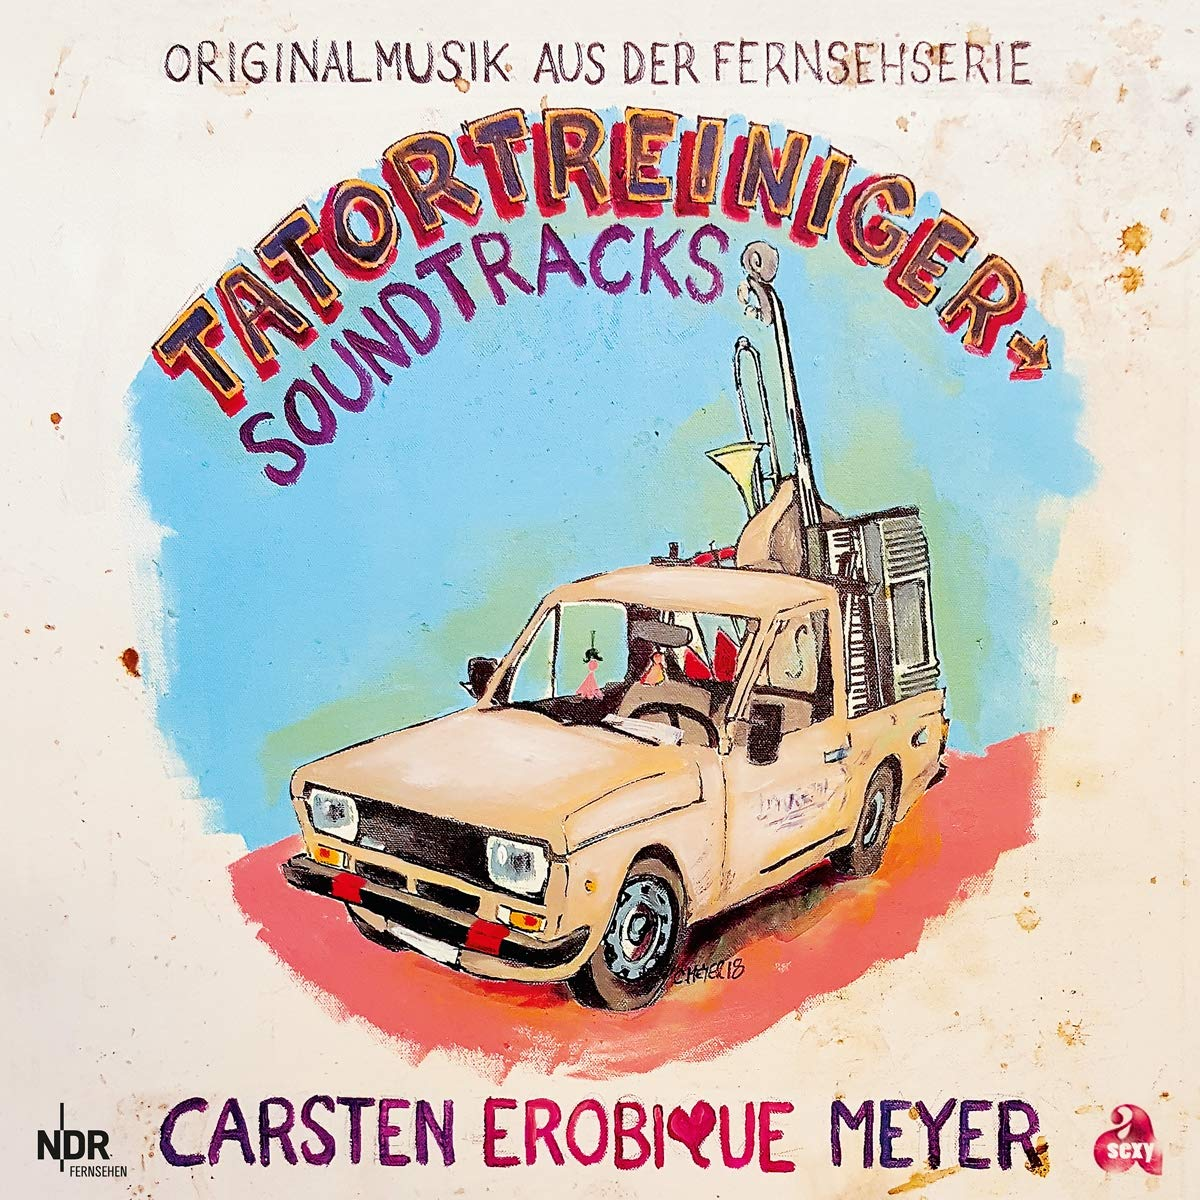 Carsten Erobique Meyer - Tatortreiniger Soundtracks